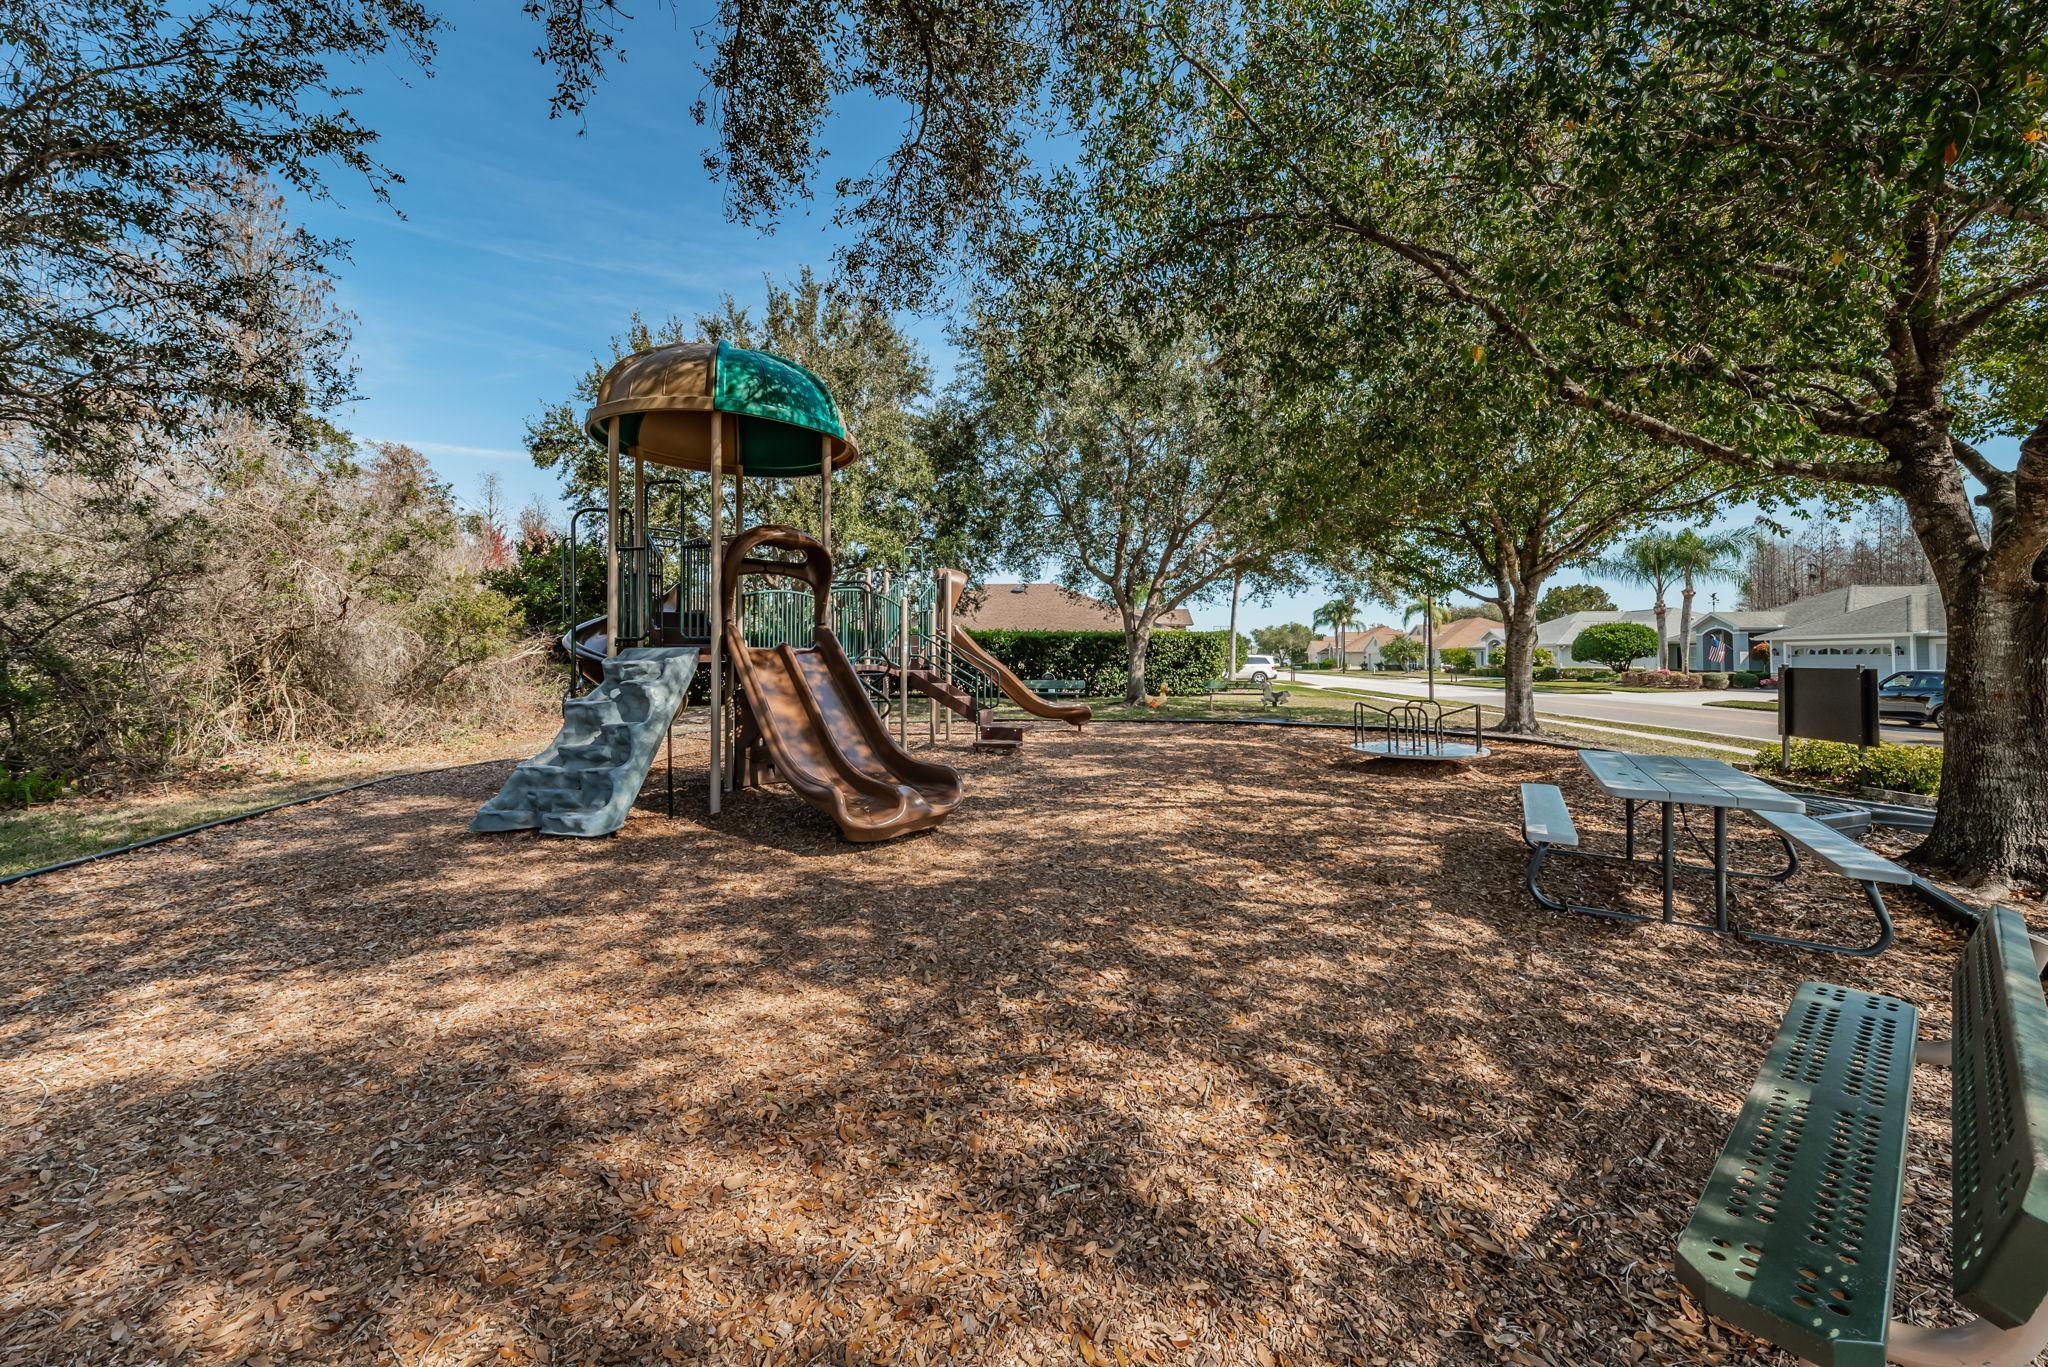 4-Trinity Oaks Park